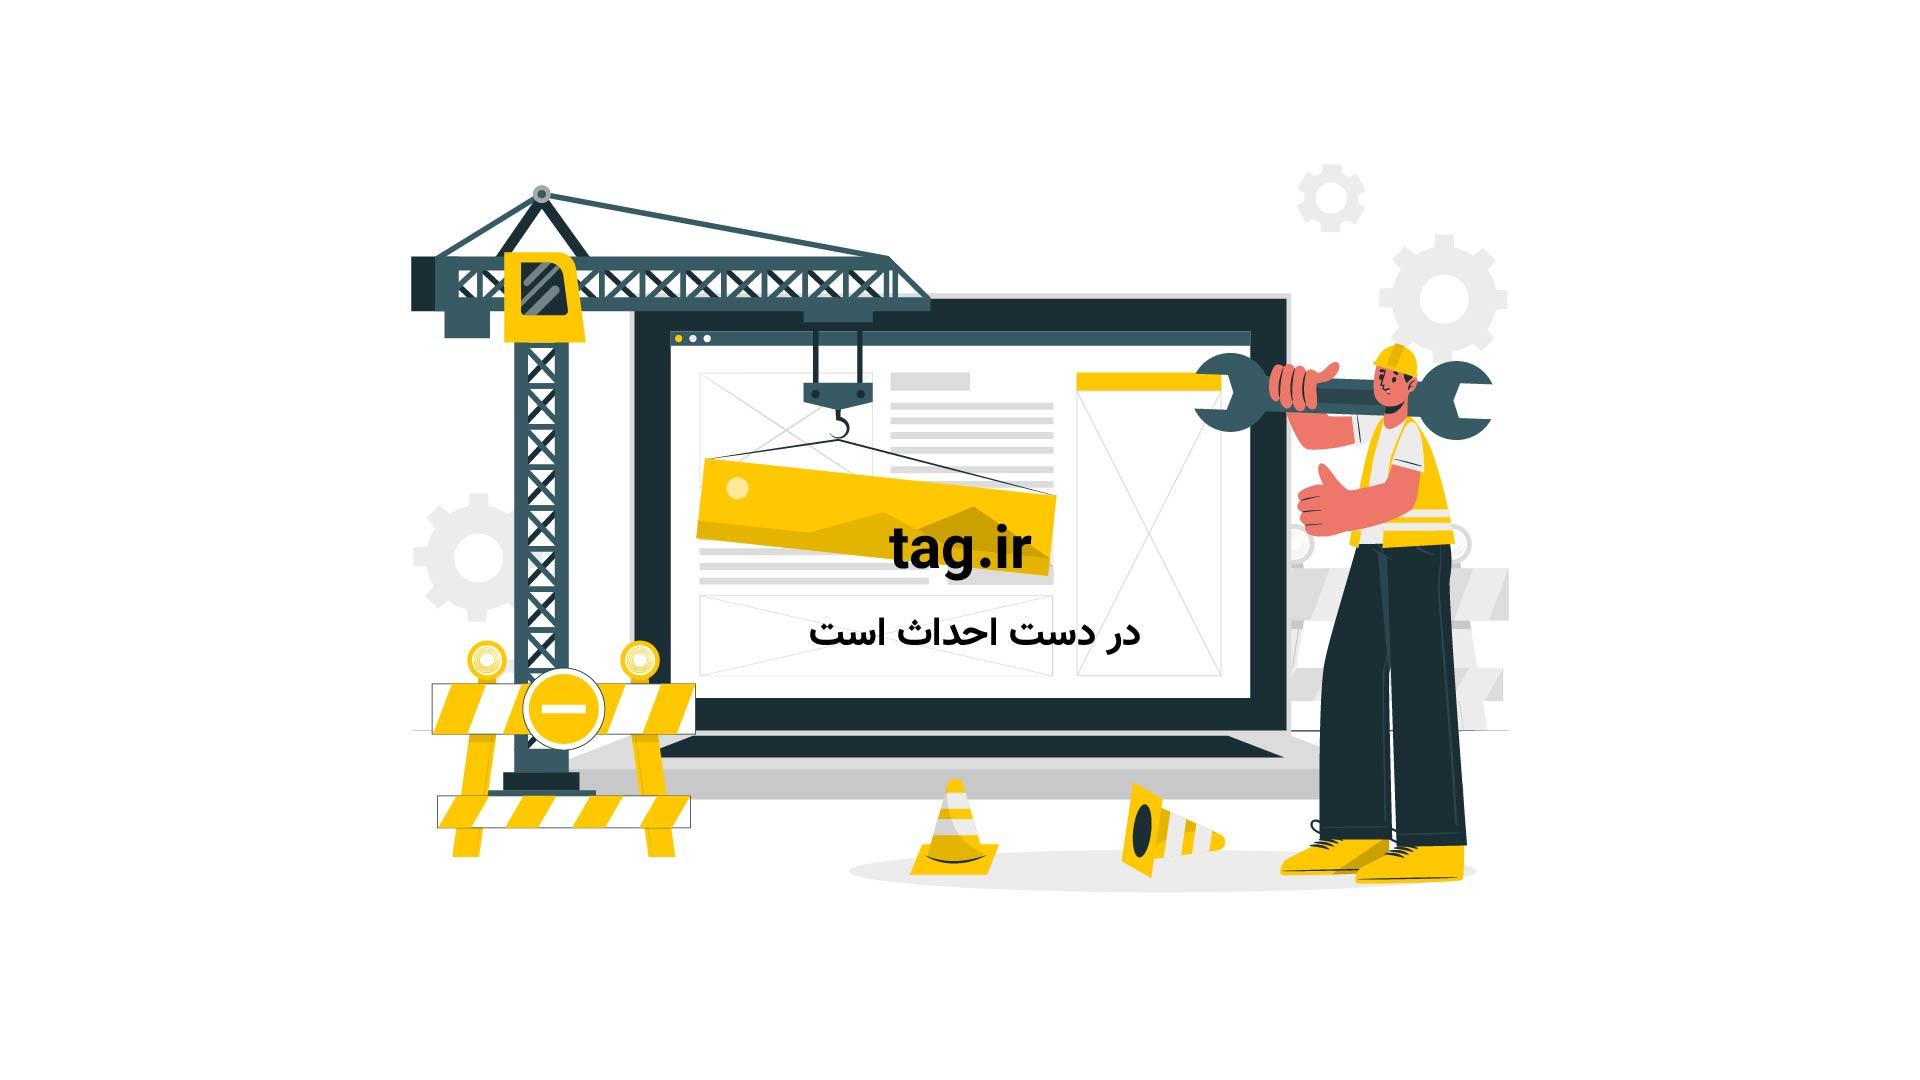 رنگ کردن تخم مرغ عید نوروز | تگ